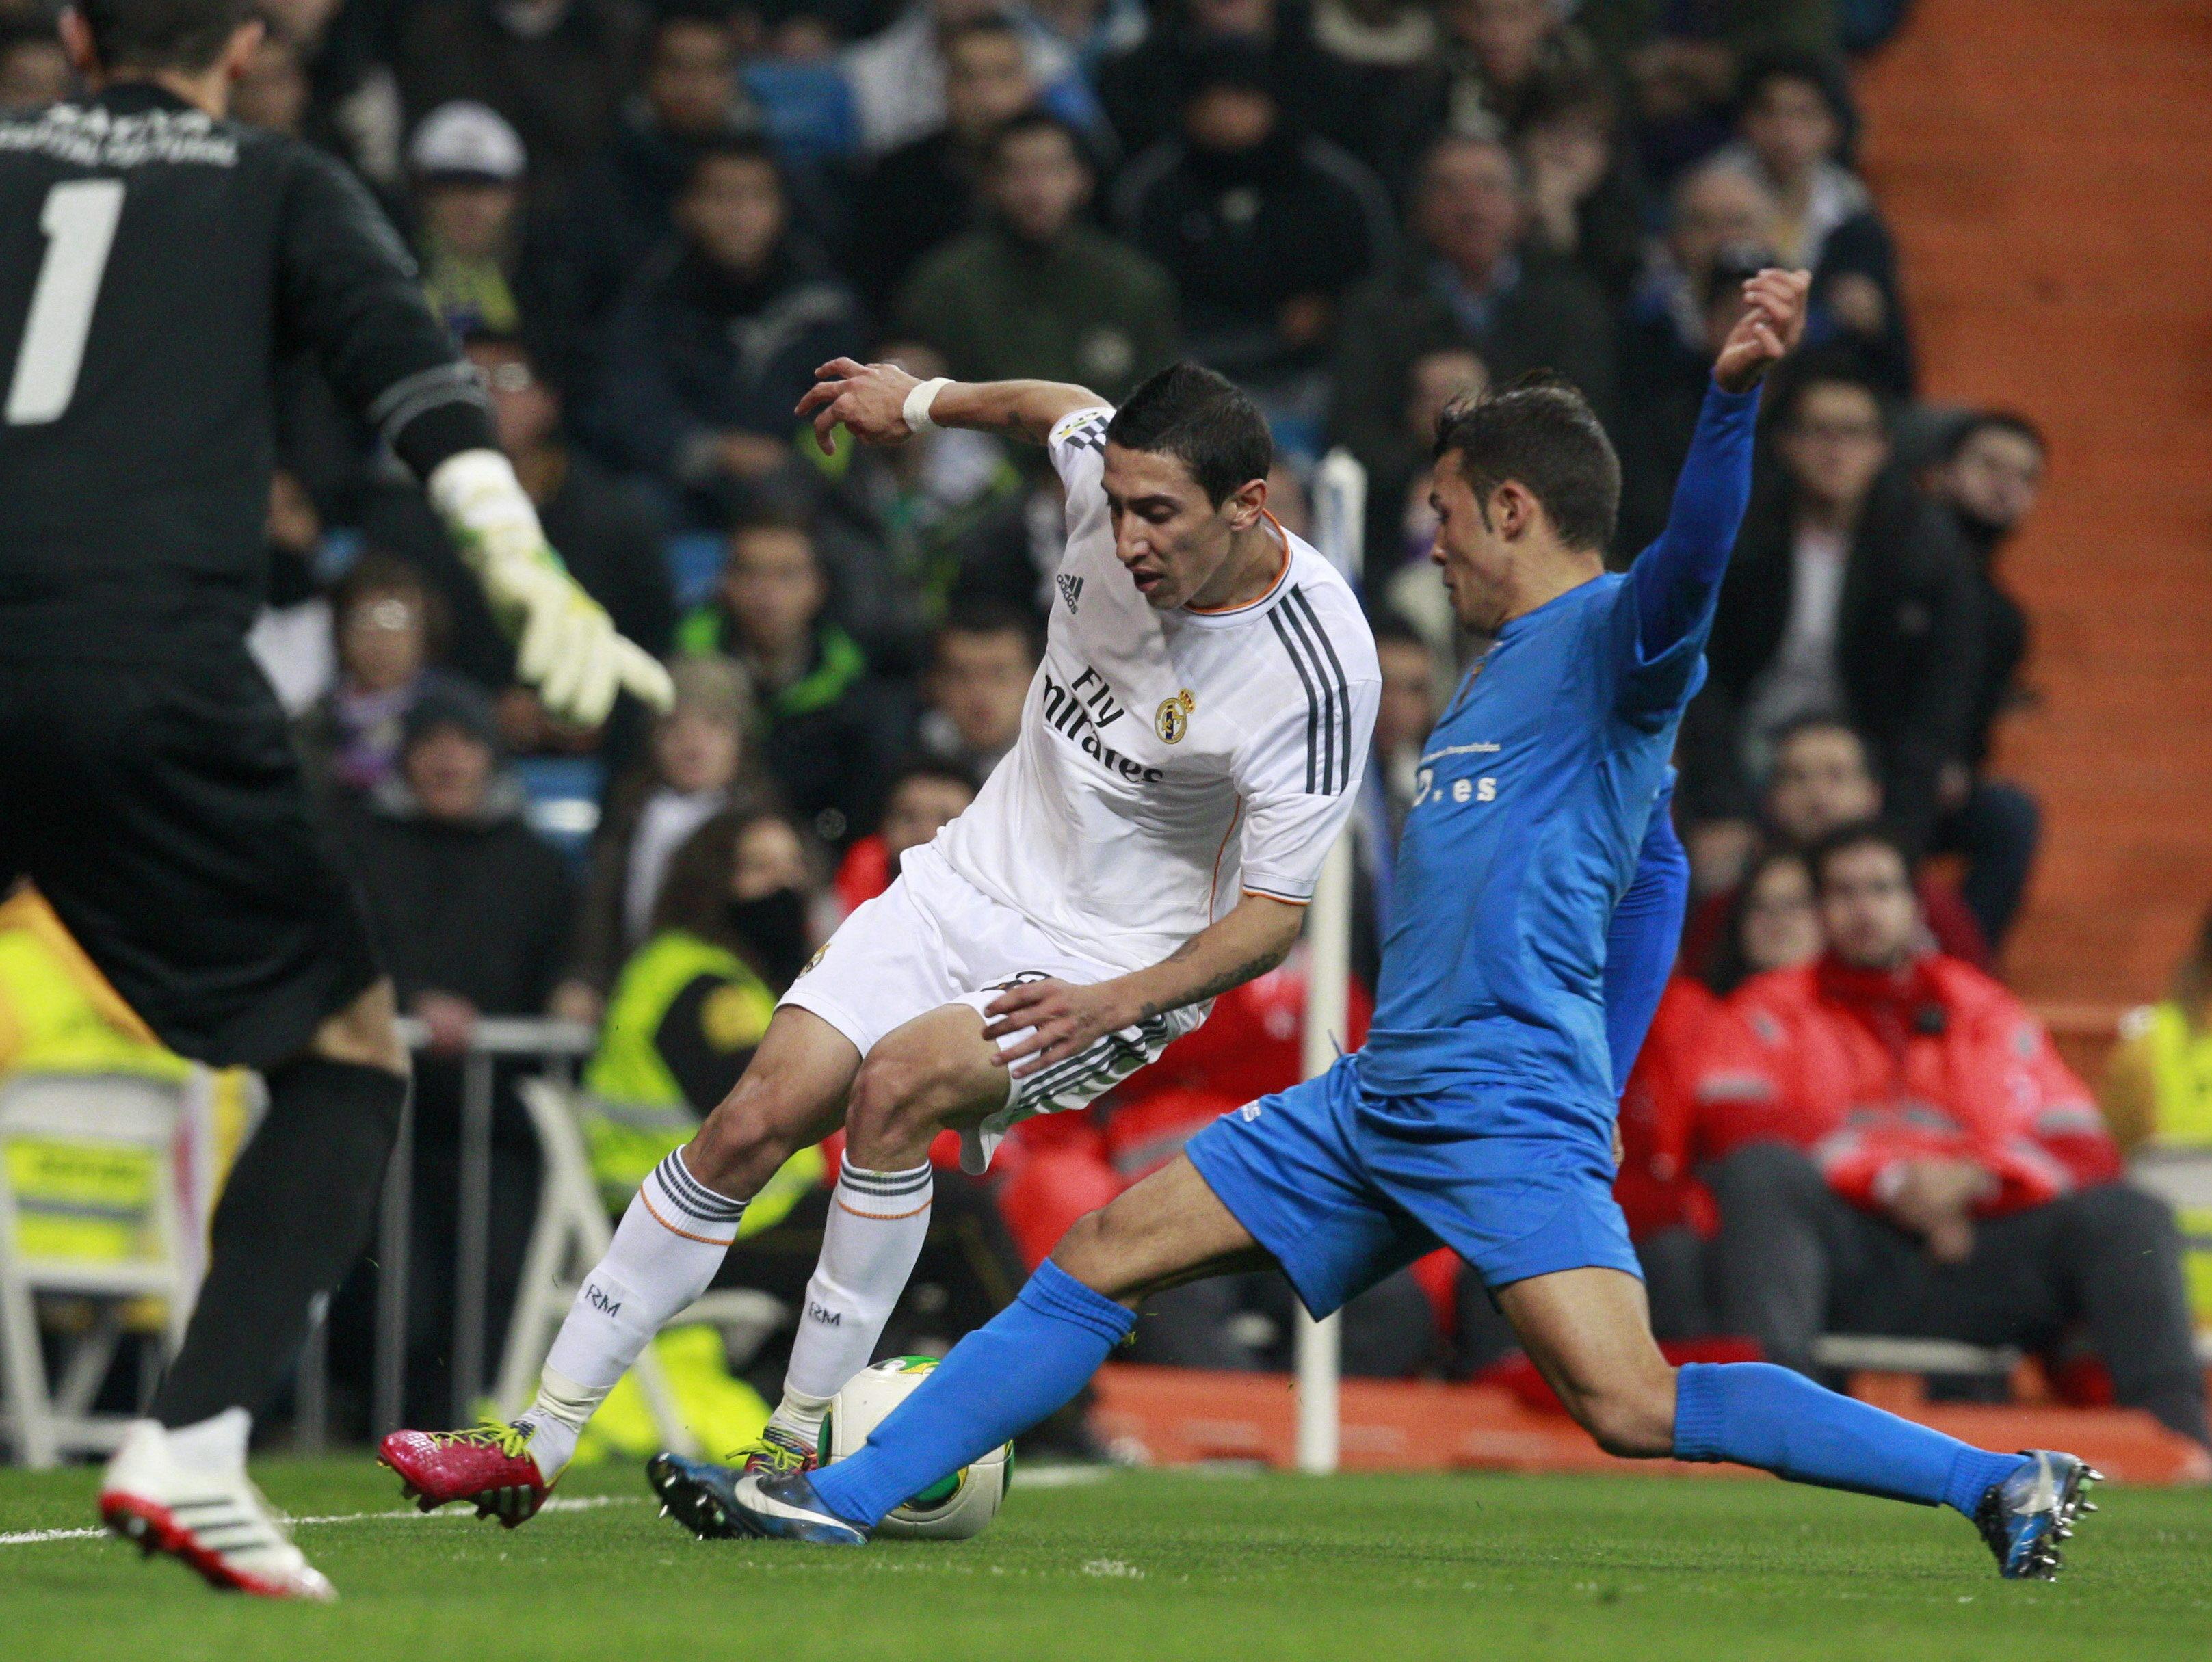 El penalti de Di María contra el Xátiva es un regalo de sus compañeros por pedir perdón